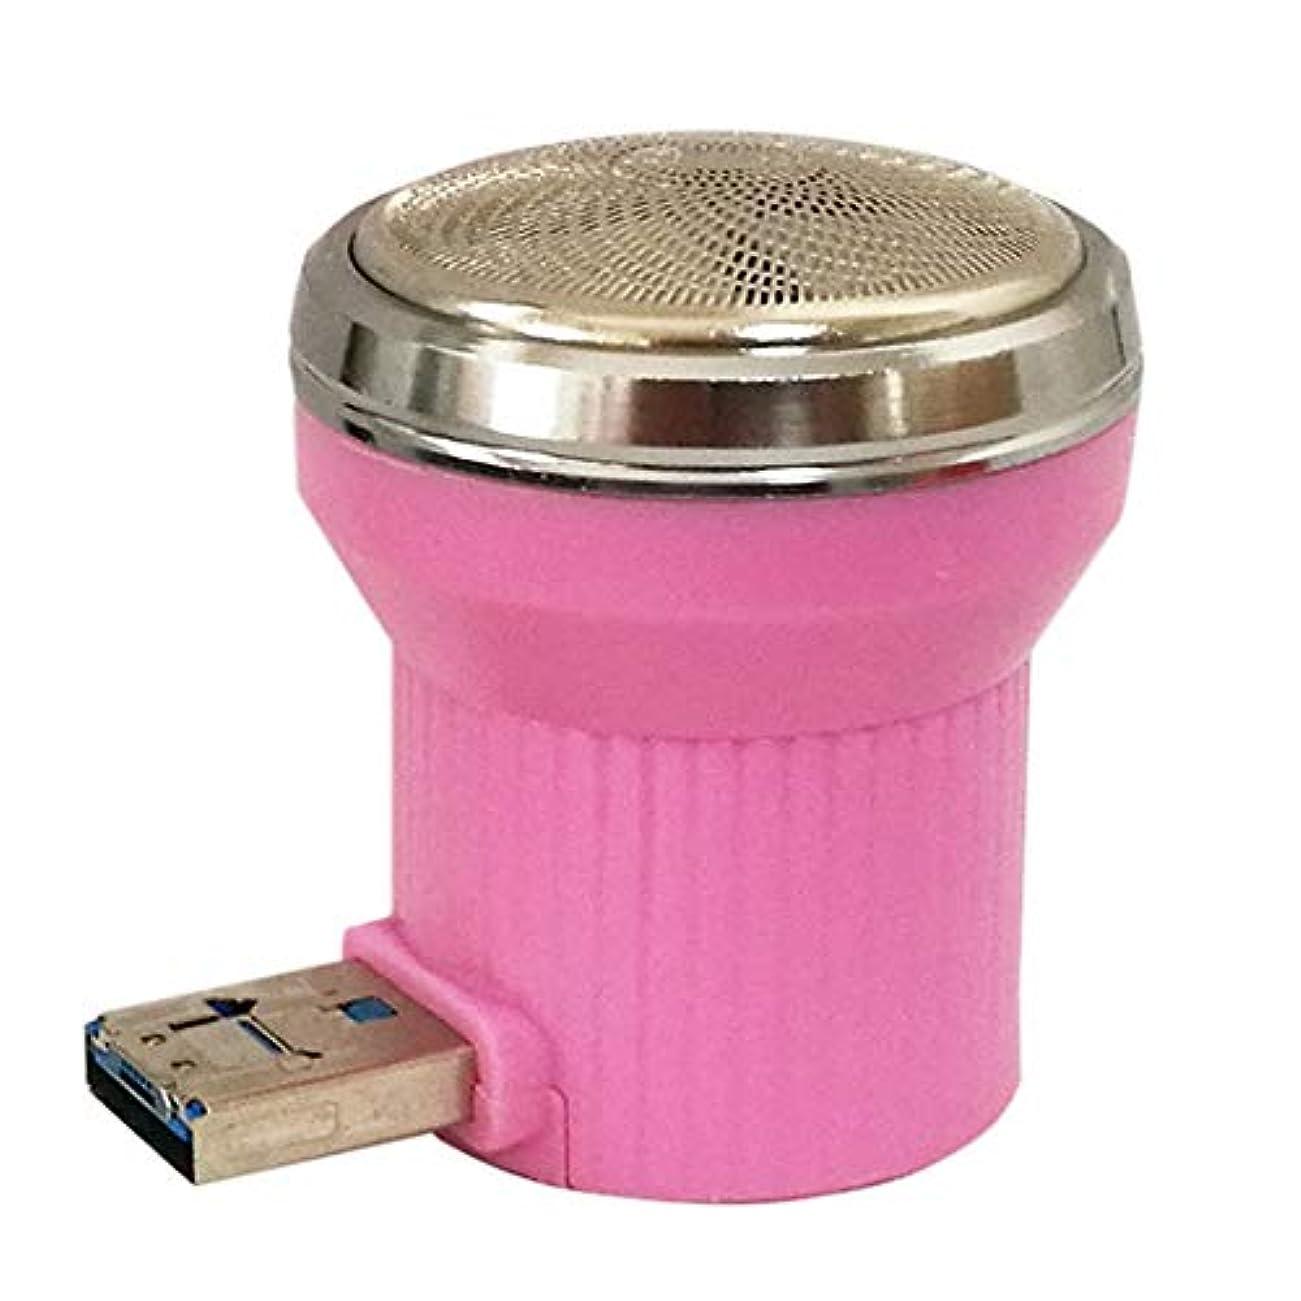 時代遅れスタウト突進旅行用かみそり用ミニかみそりUSB携帯電話多機能ポータブル電気メンズかみそり(ピンク)